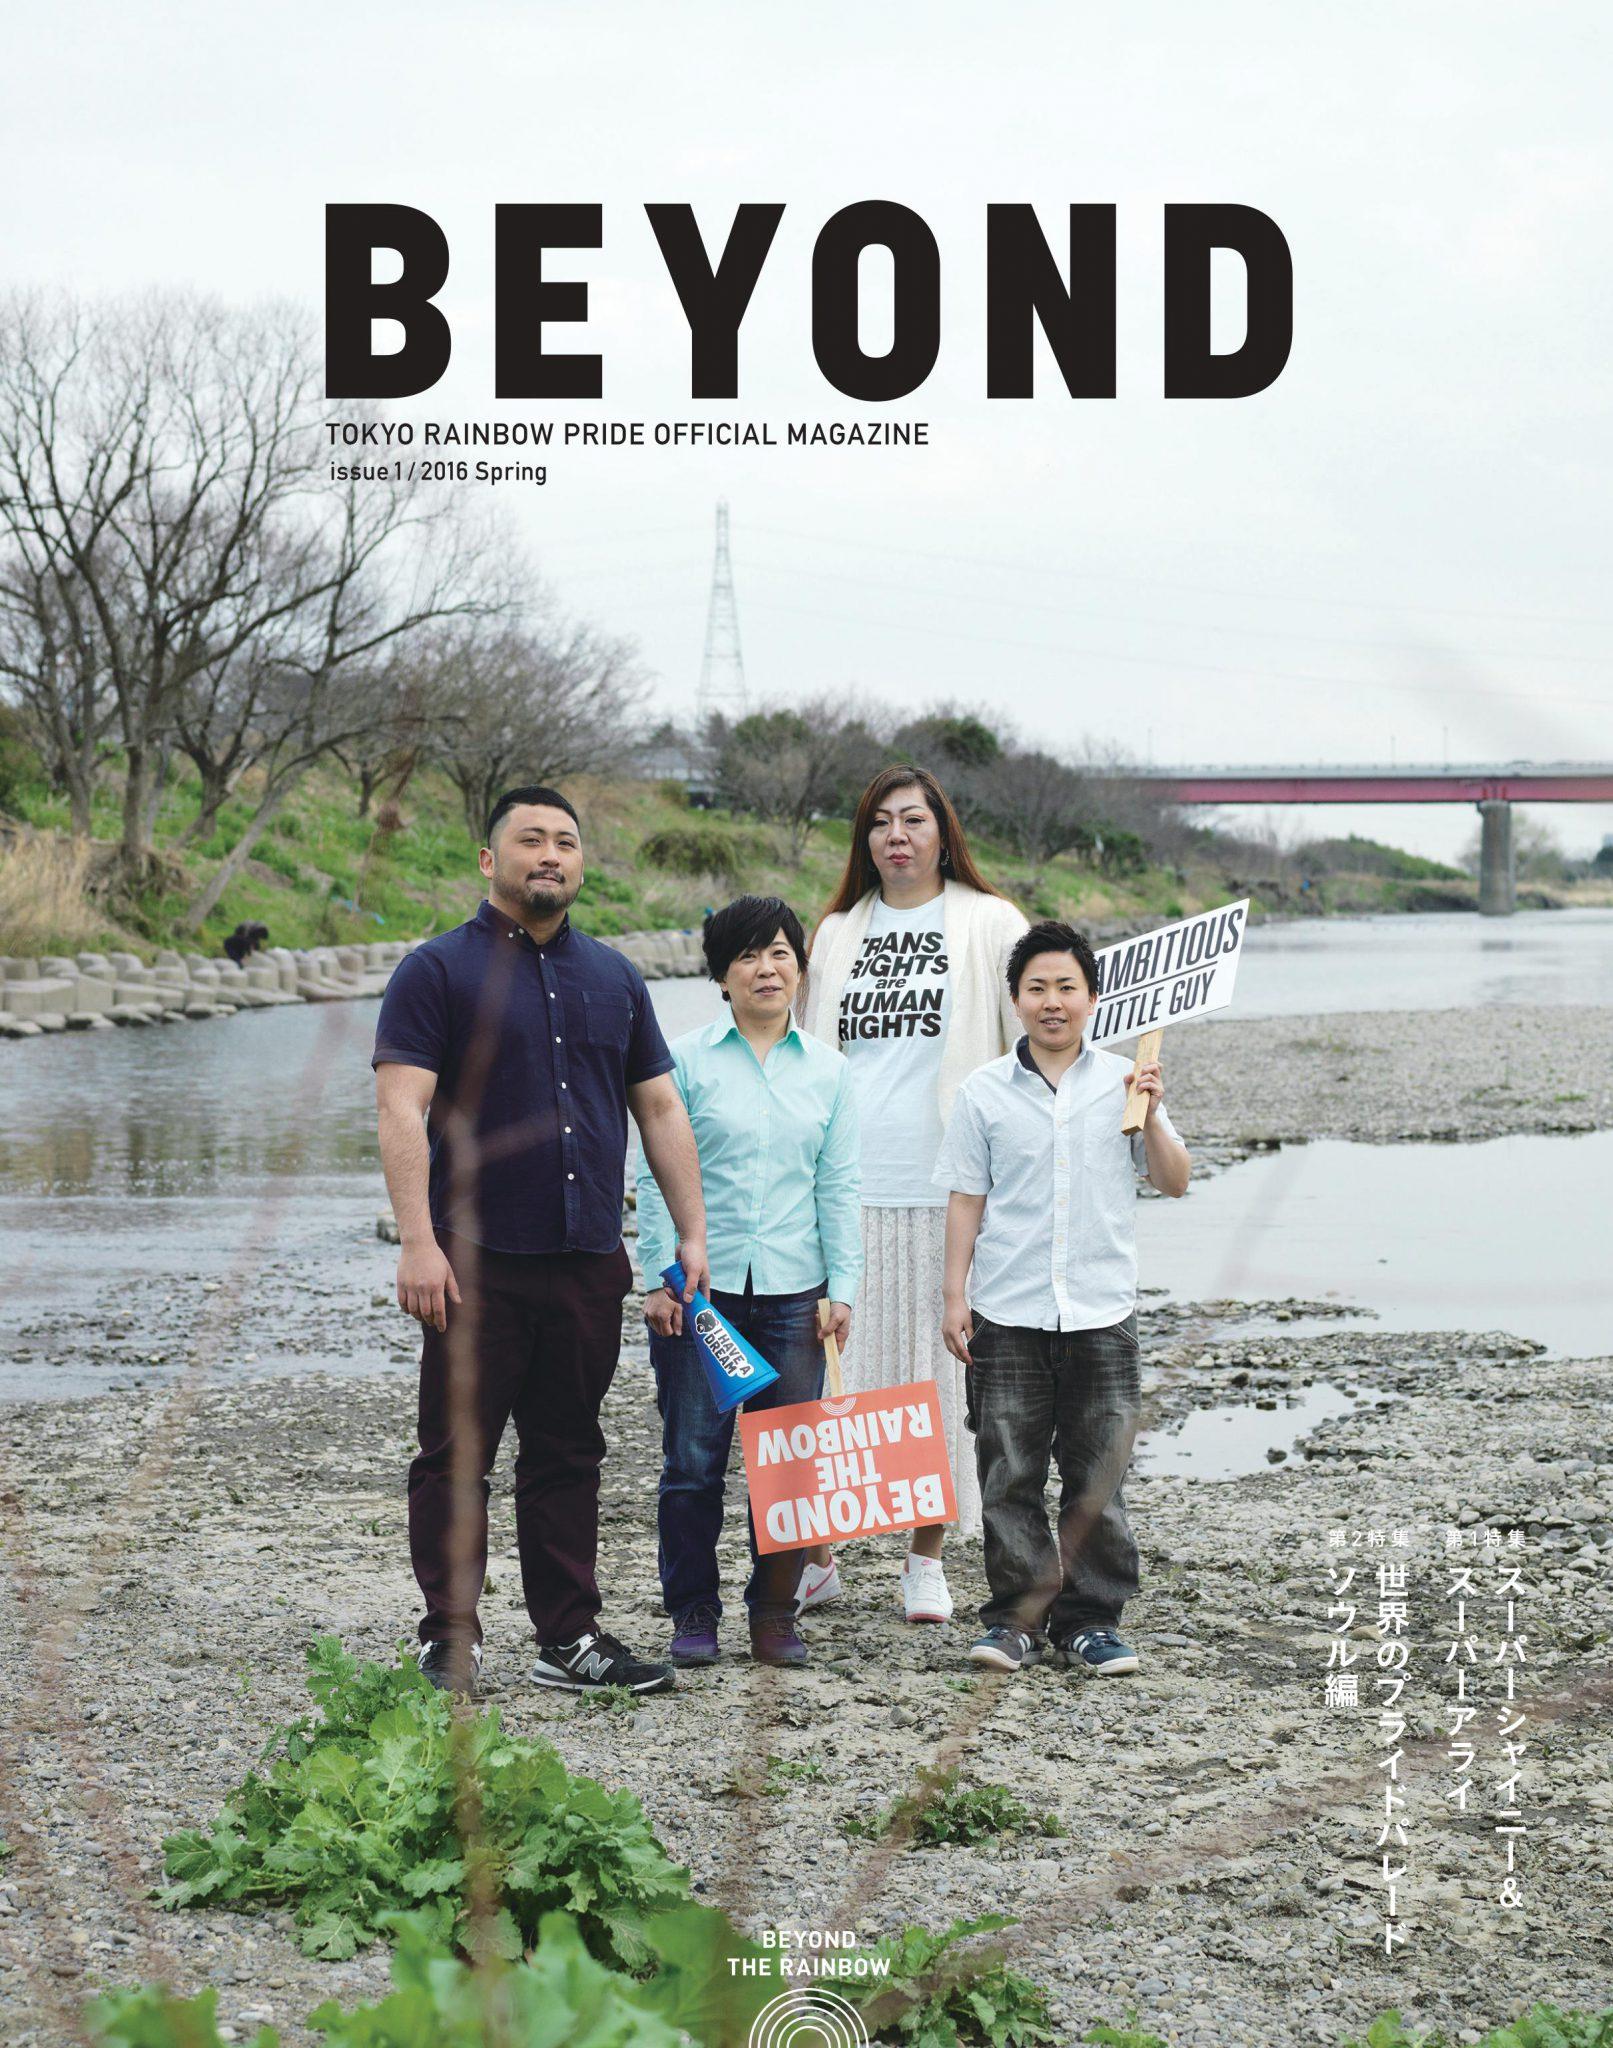 beyond_h1_h4